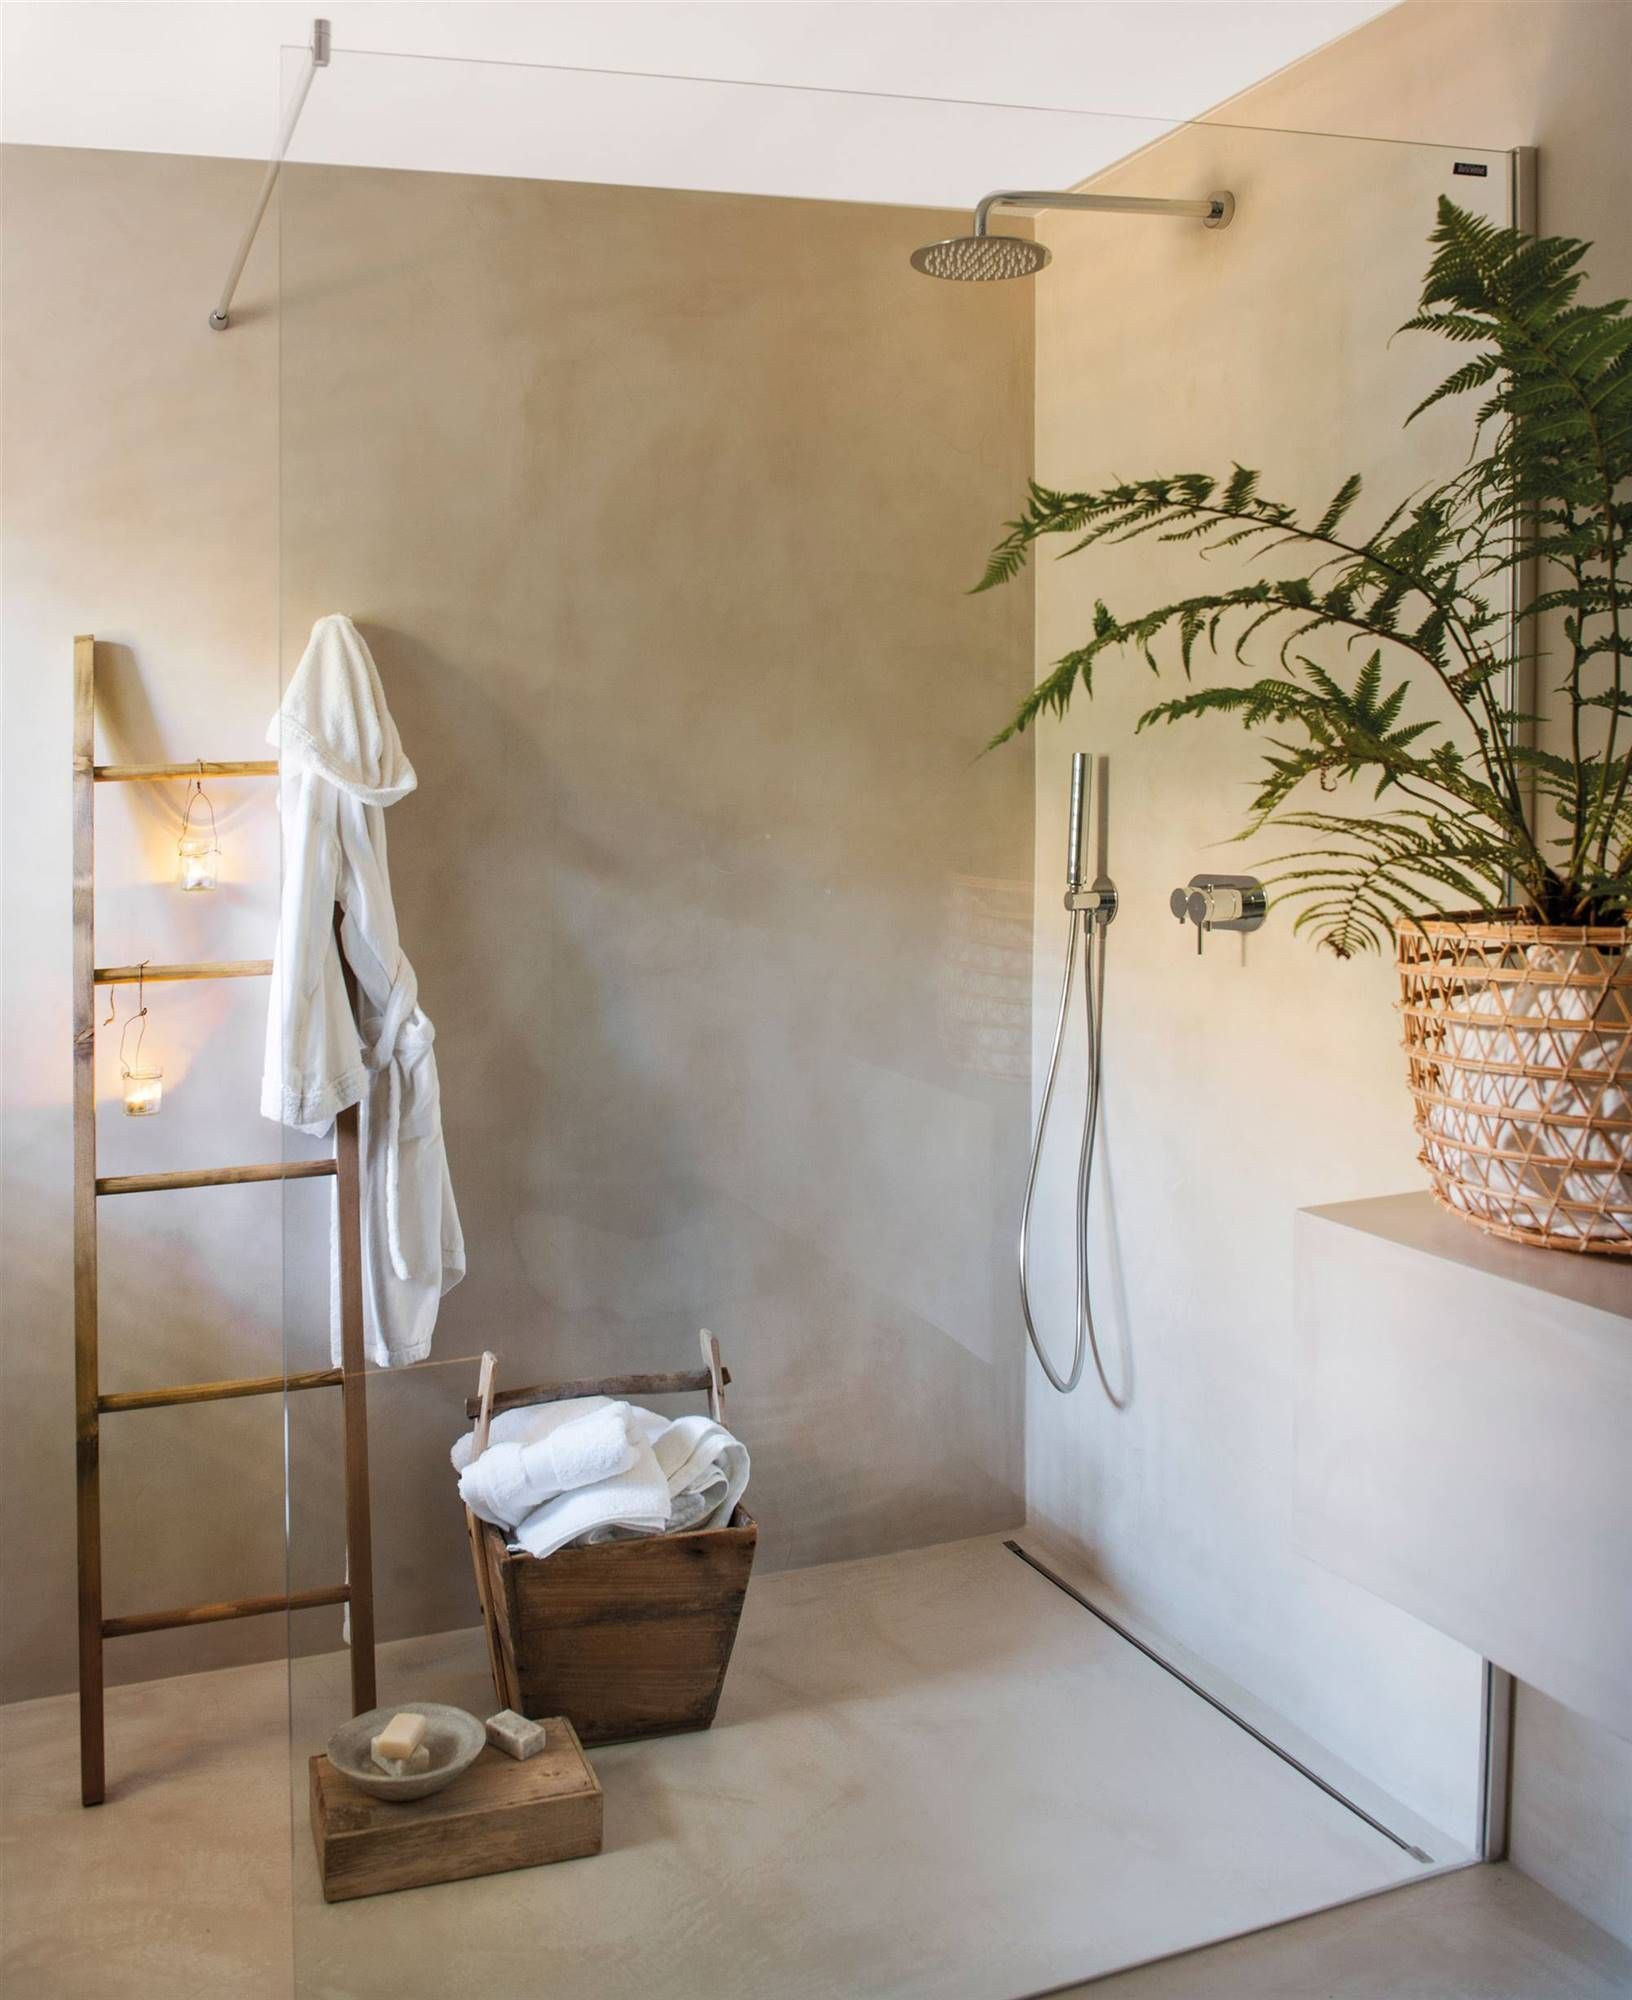 Baño Con Ducha A Ras De Suelo Y Mampara Transparente_00480355